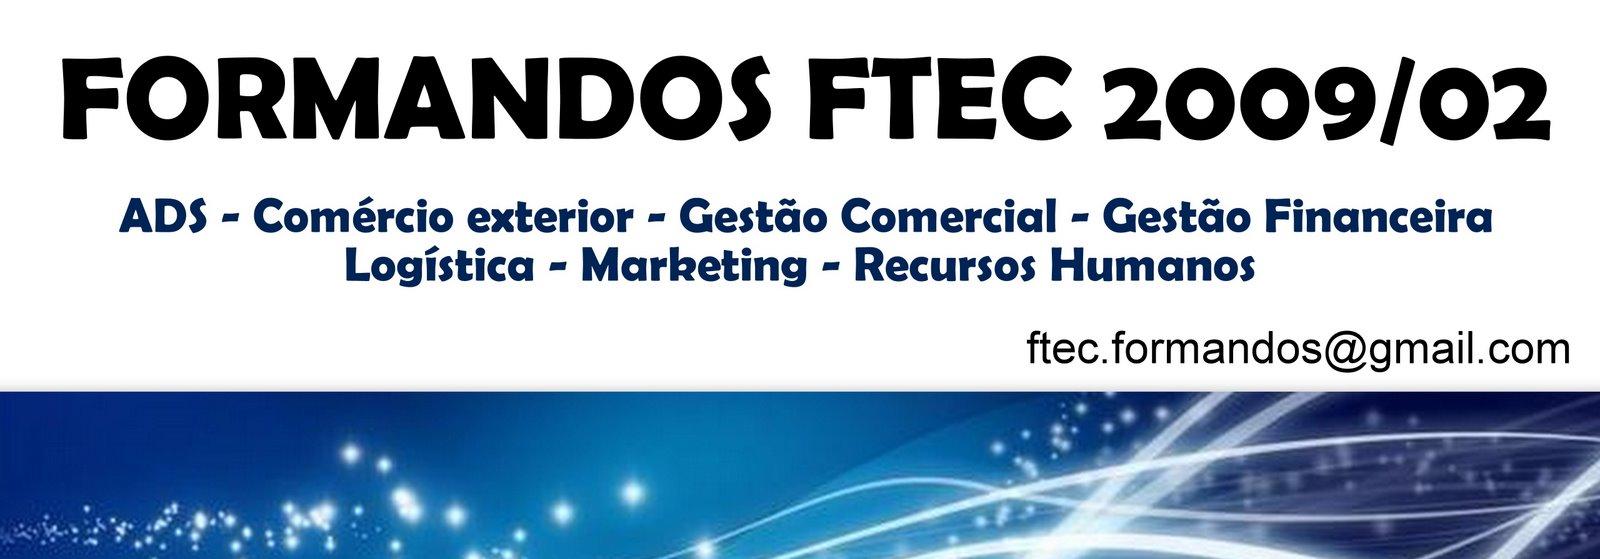 FORMANDOS FTEC 2009/02